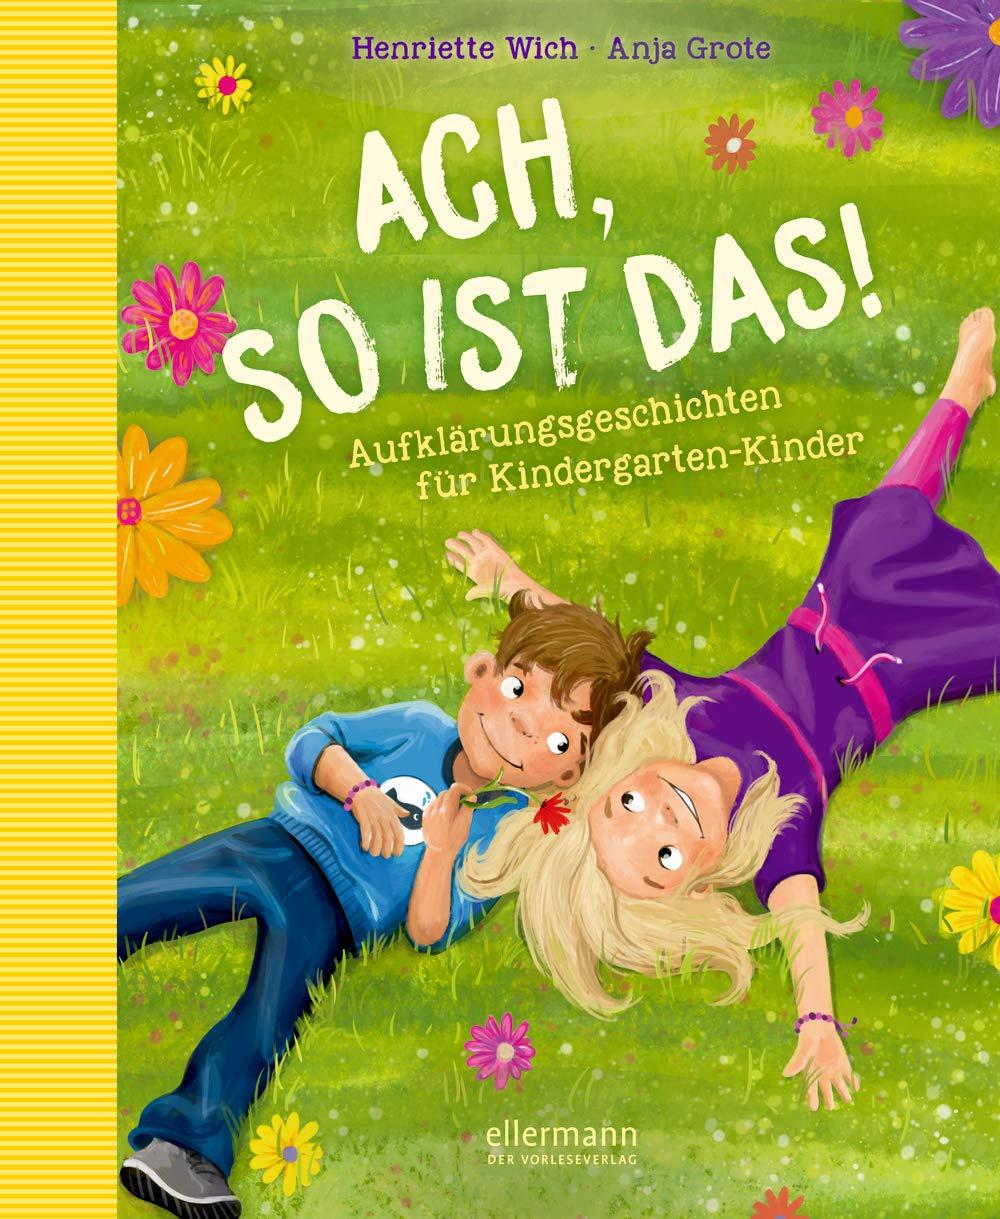 Ach so ist das!: Aufklärungsgeschichten für Kindergarten-Kinder Gebundenes Buch – 21. Januar 2019 Henriette Wich Anja Grote Ellermann 3770700813